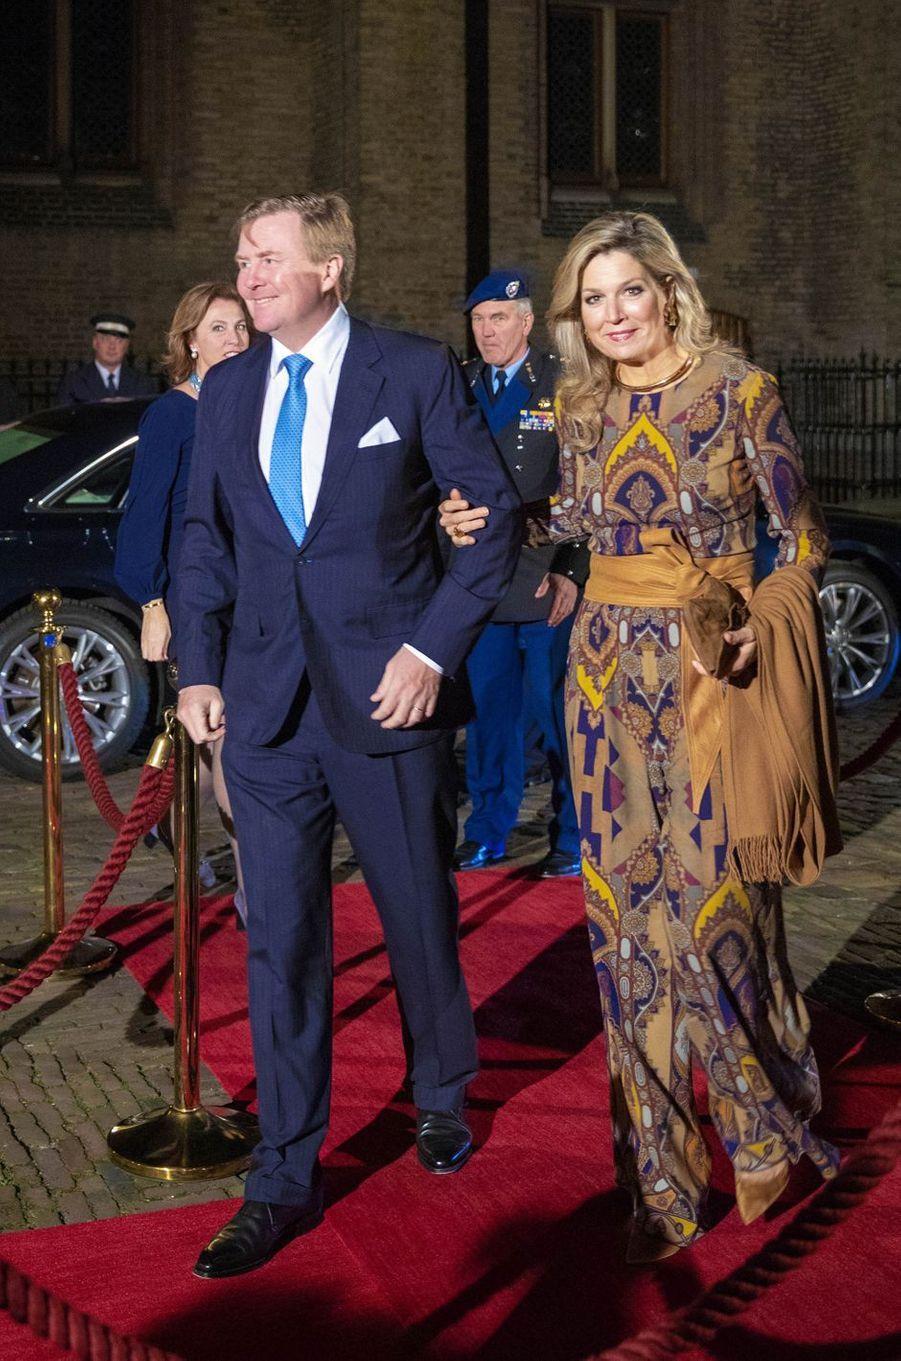 La reine Maxima et le roi Willem-Alexander des Pays-Bas à La Haye, le 22 novembre 2018